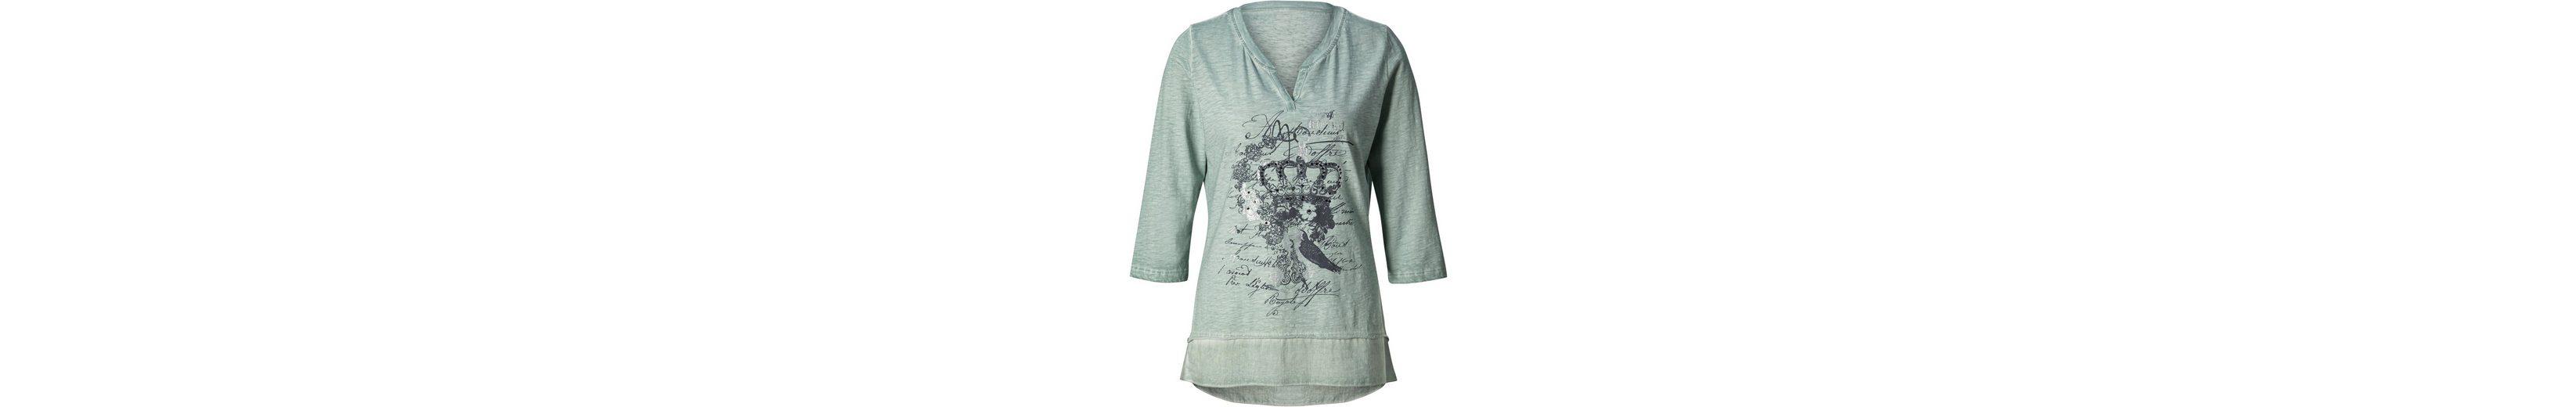 Classic Inspirationen Shirt aus reiner Baumwolle Günstig Kaufen Fabrikverkauf 7oj7d